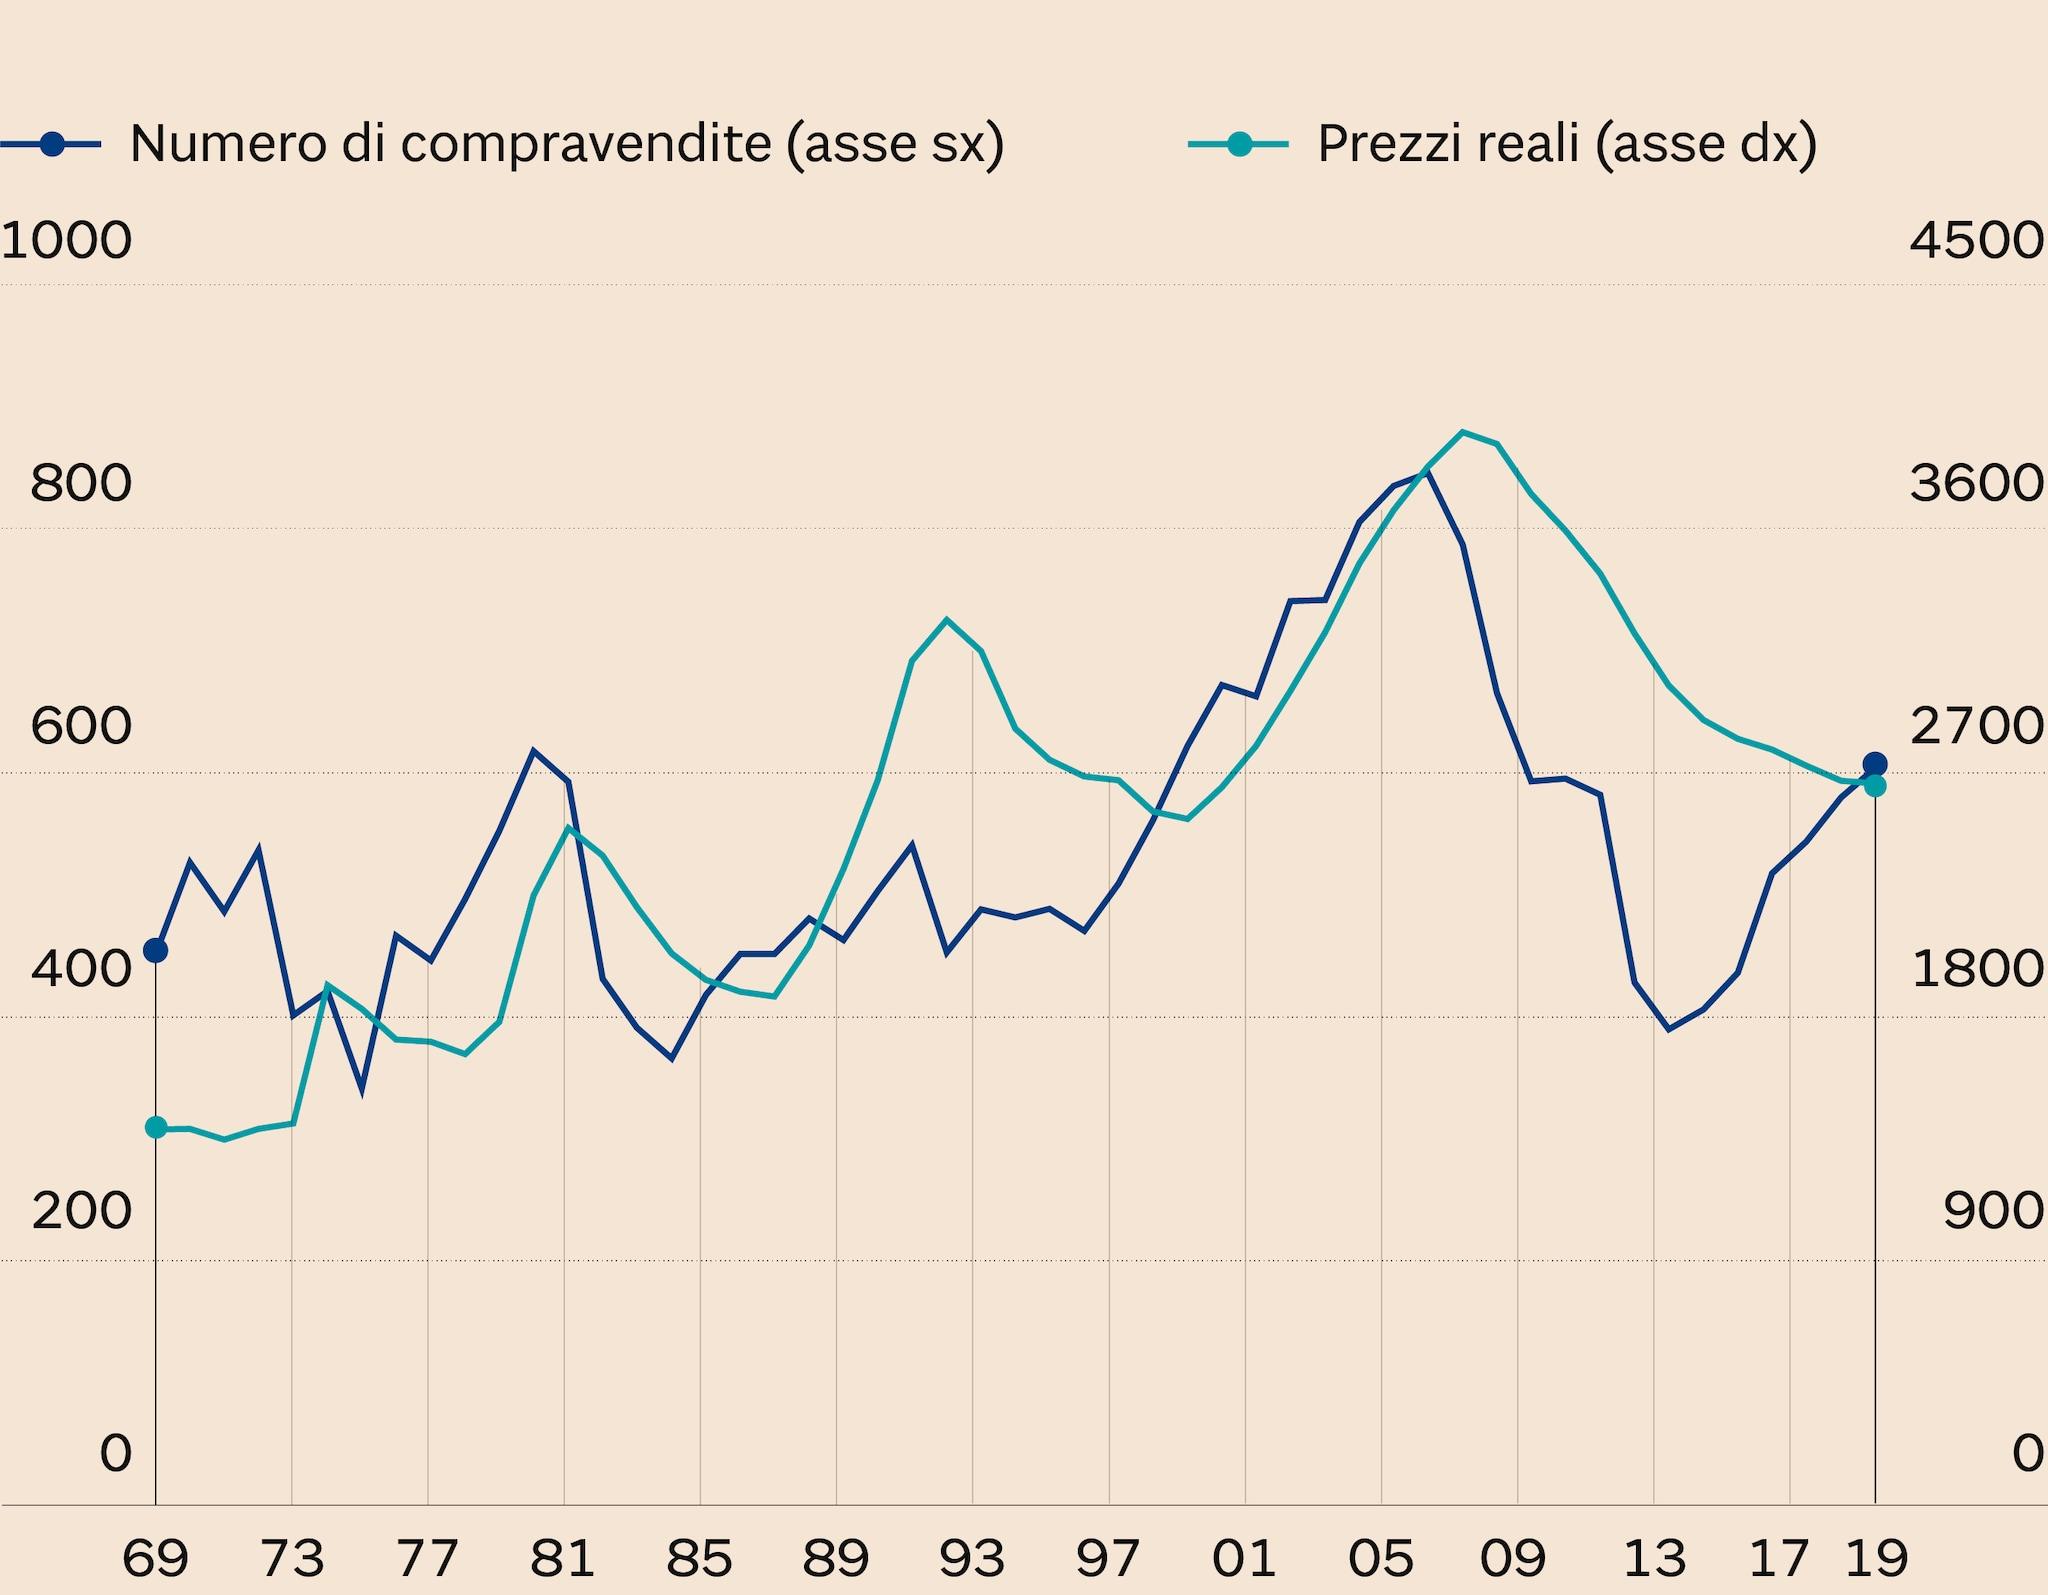 Immobiliare Sant Andrea Concorezzo il grande falò delle aste immobiliari: 3,4 miliardi di euro